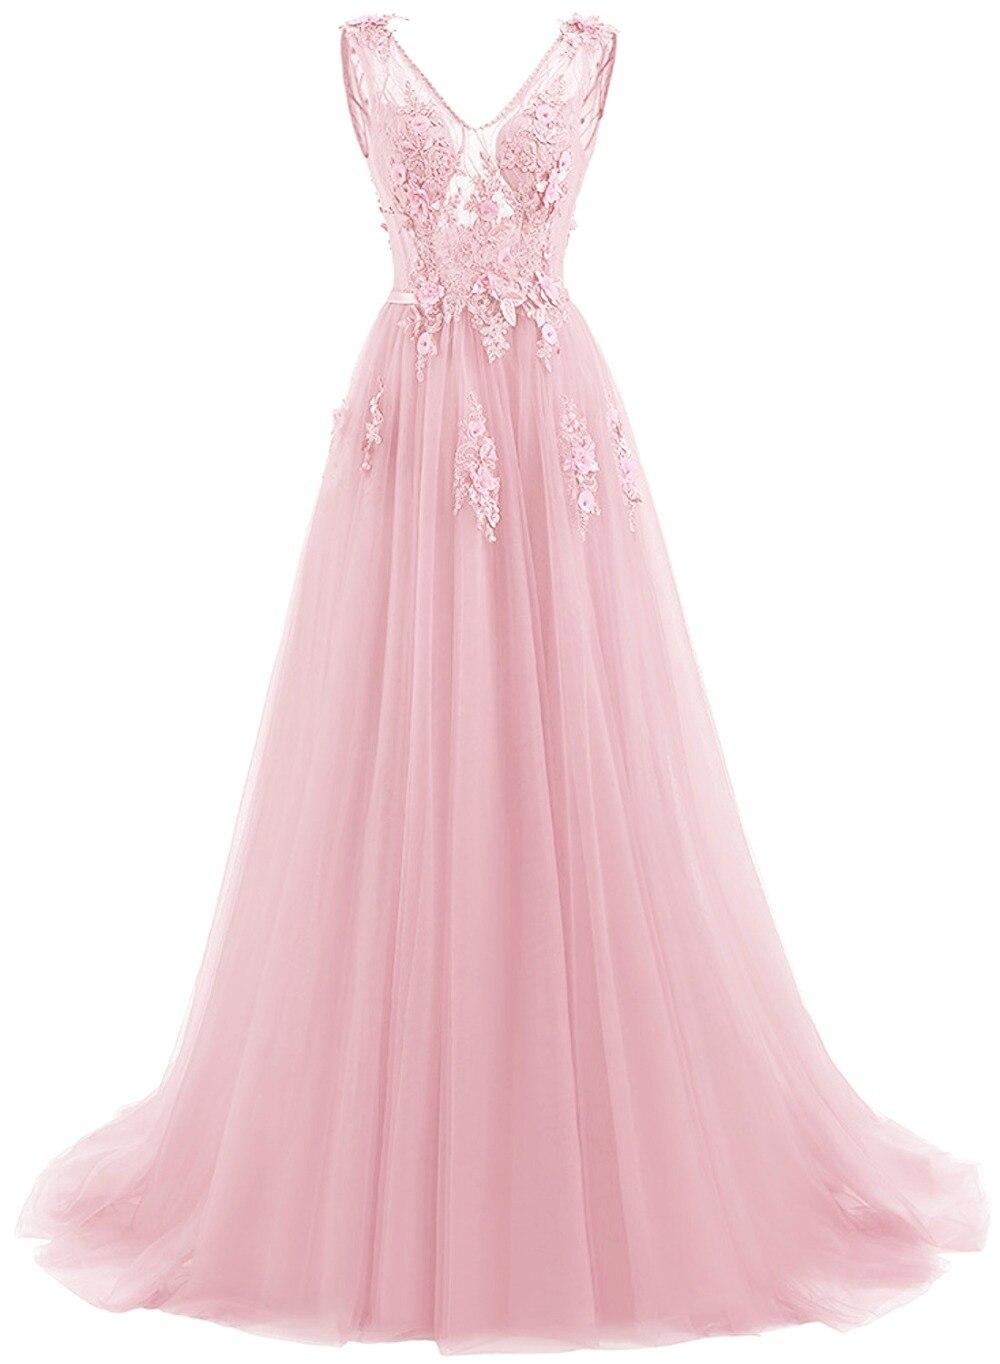 Elie Saab bleu robes De soirée 2019 grande taille Tulle Appliques longues robes formelles robes col en V à lacets sans manches Robe De soirée - 5